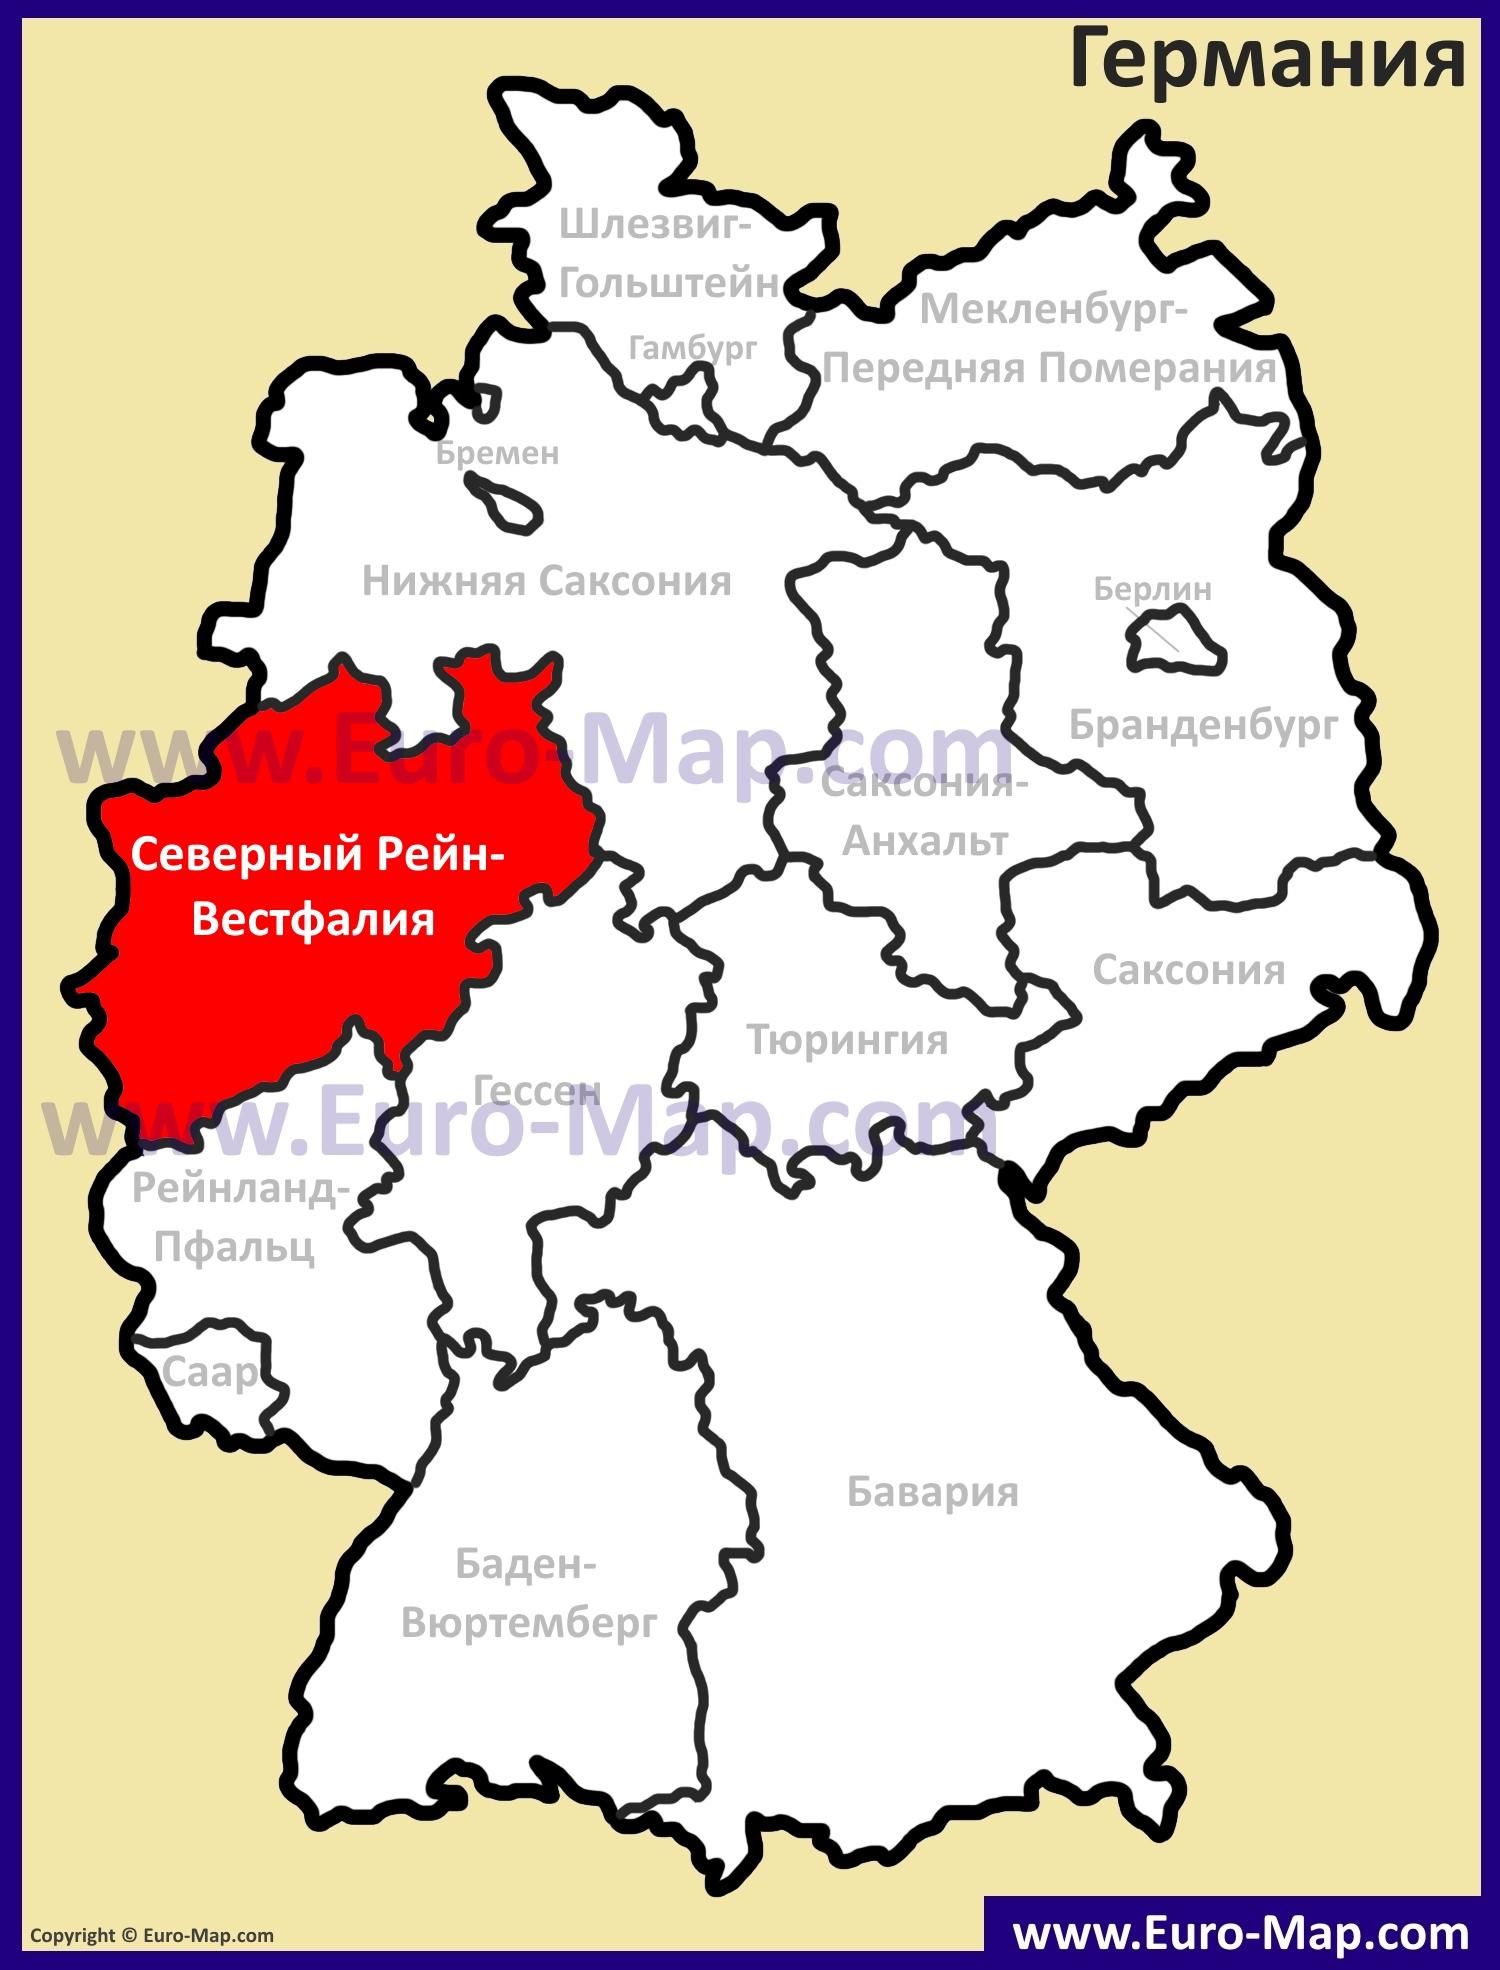 severniy-reyn-vestfaliya-na-karte-germanii.jpg